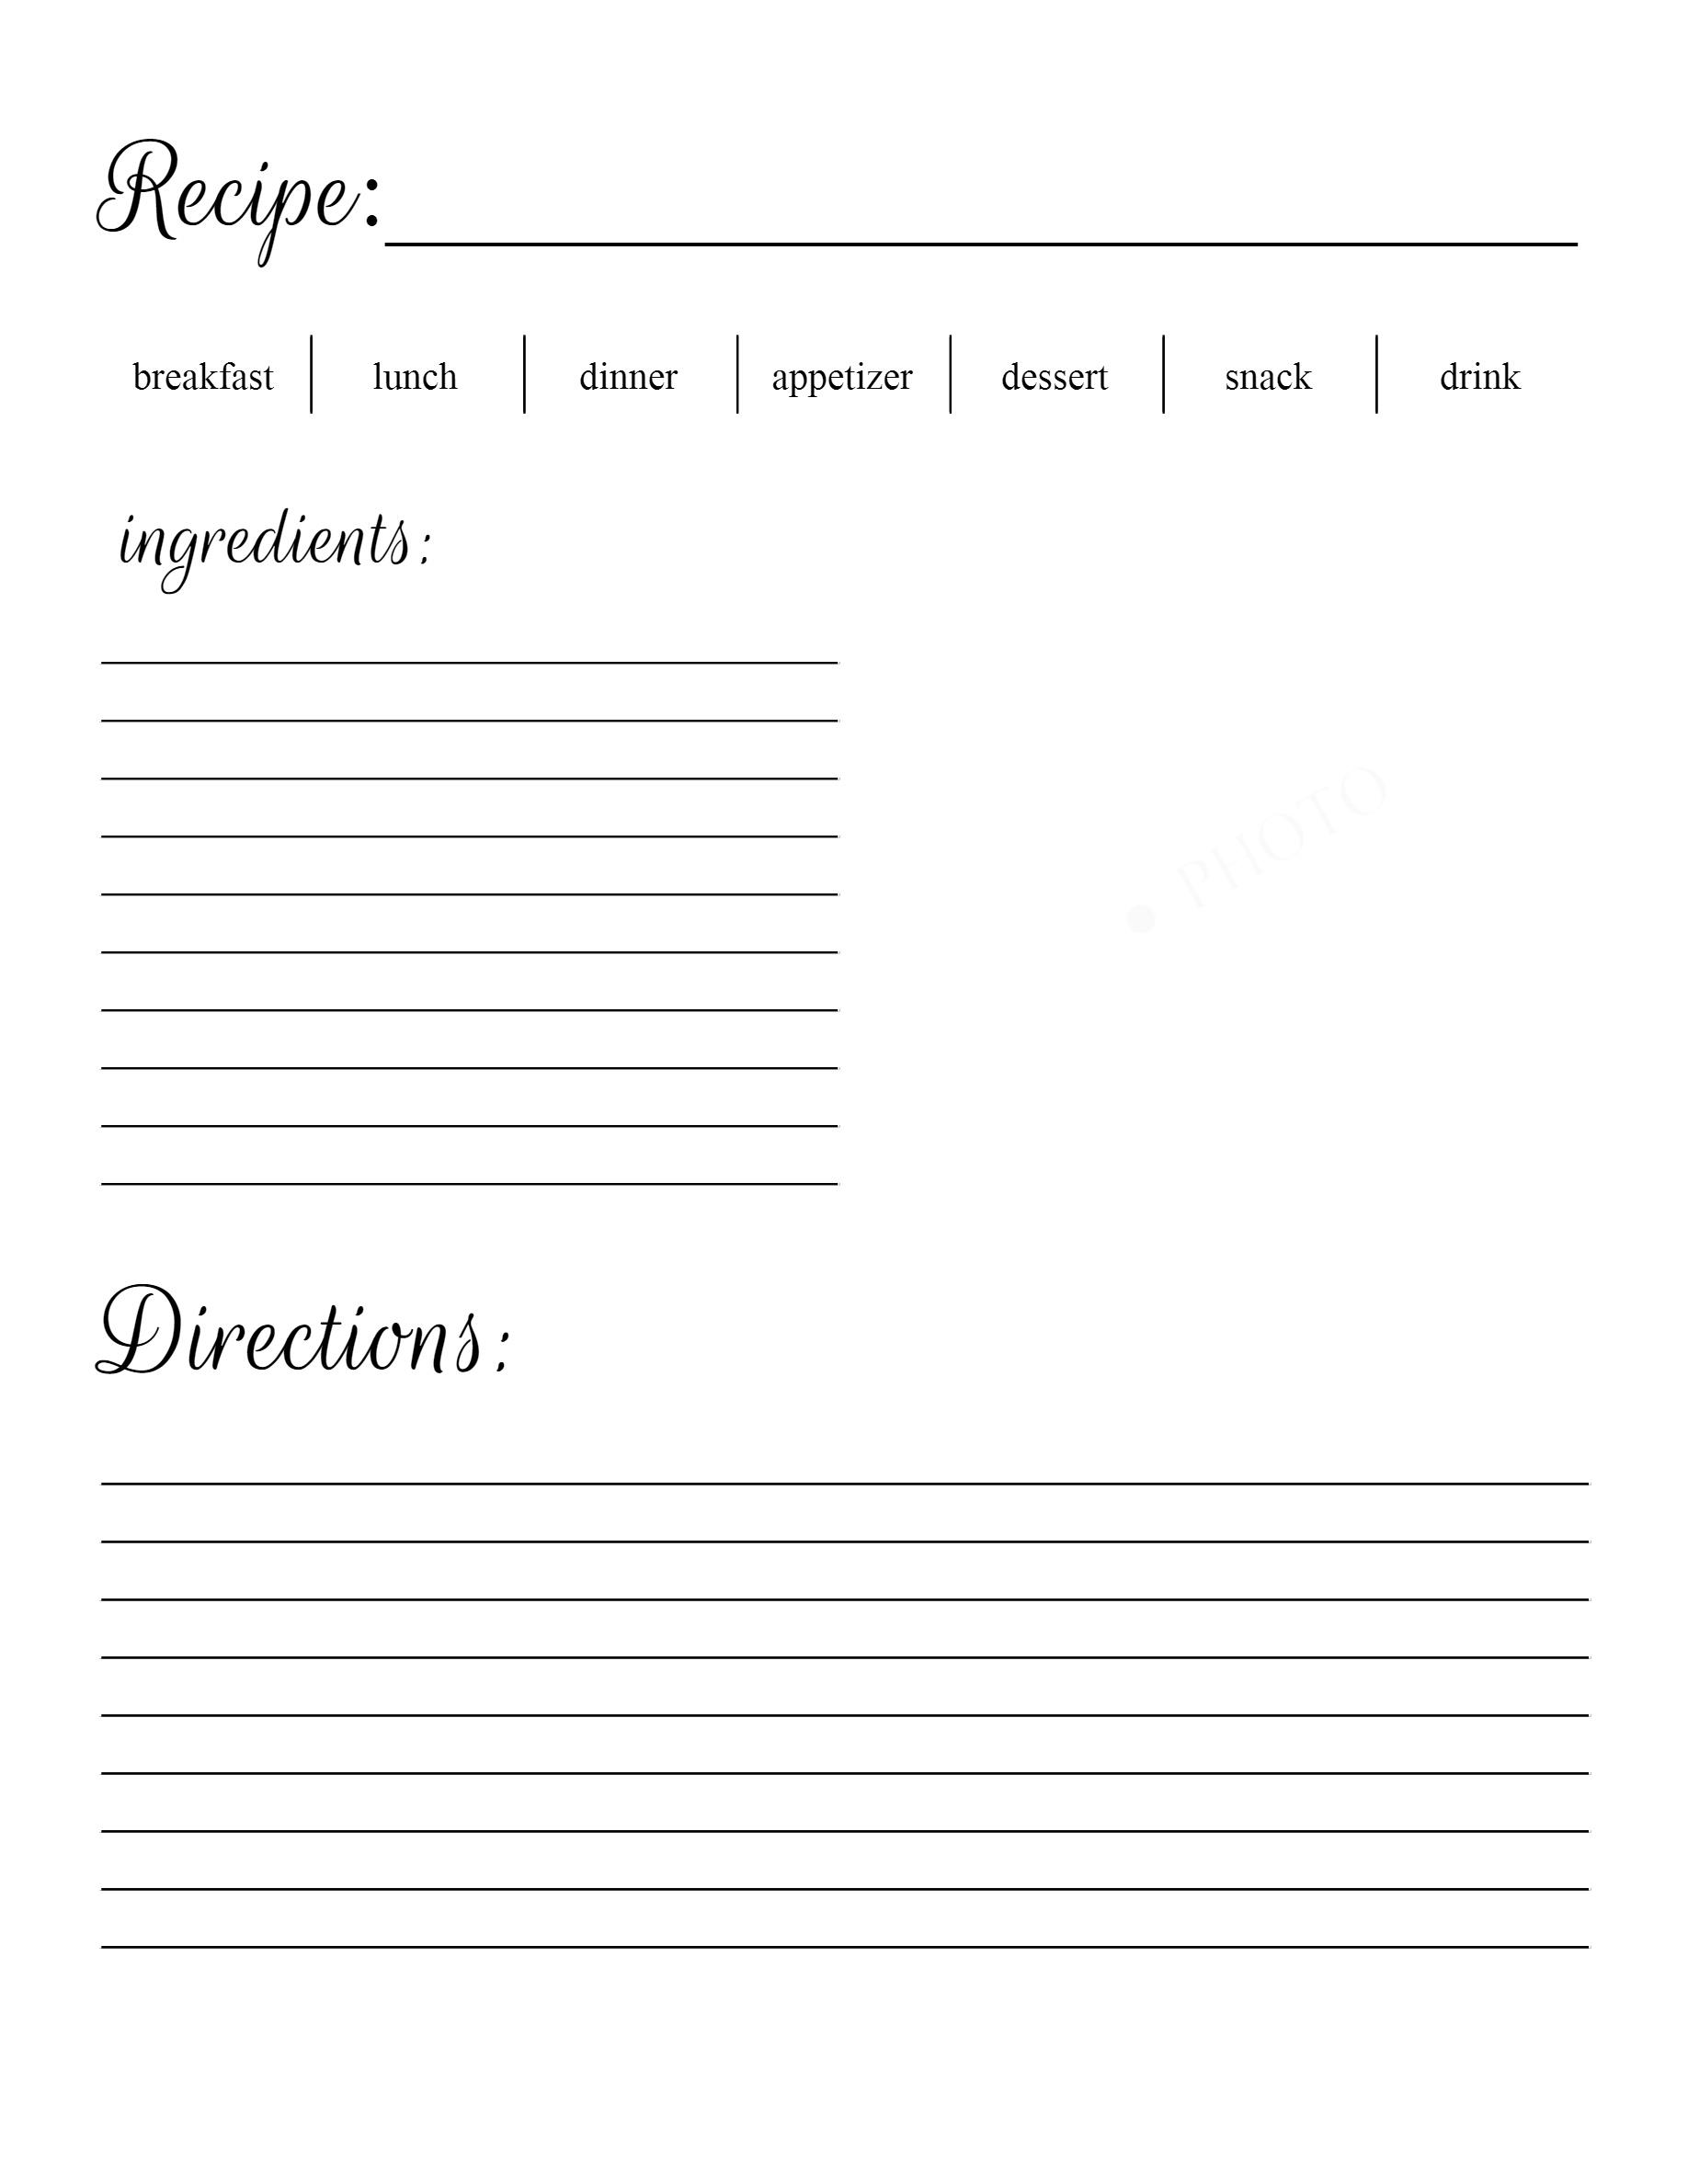 Free Recipe Printable at sewlicioushomedecor.com